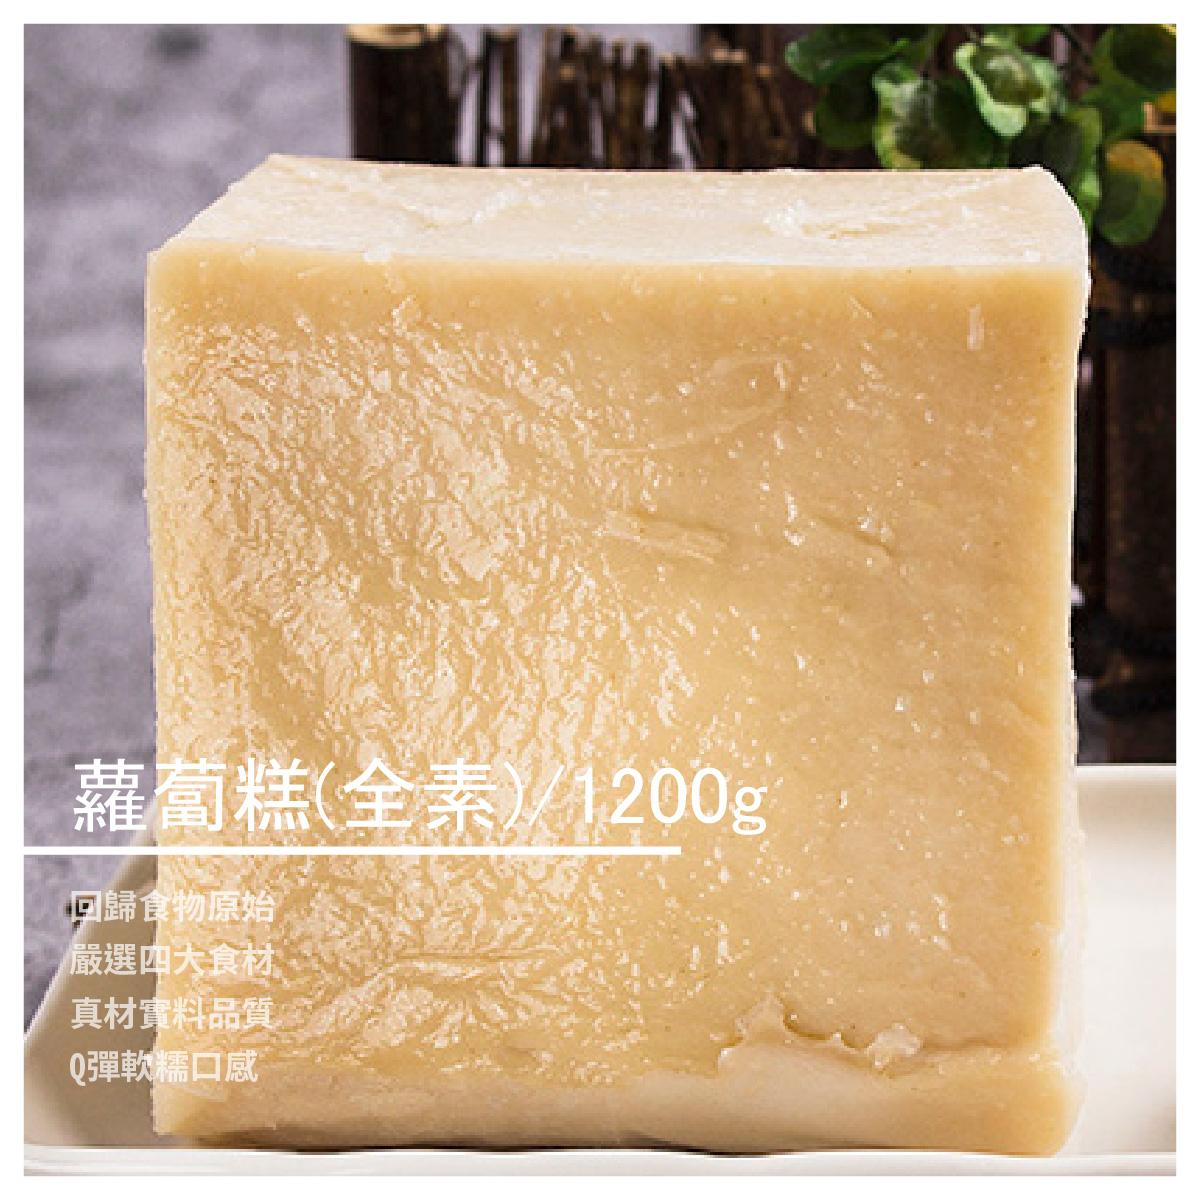 【有點粿】傳統古早味手作蘿蔔糕(全素)/1200g/包